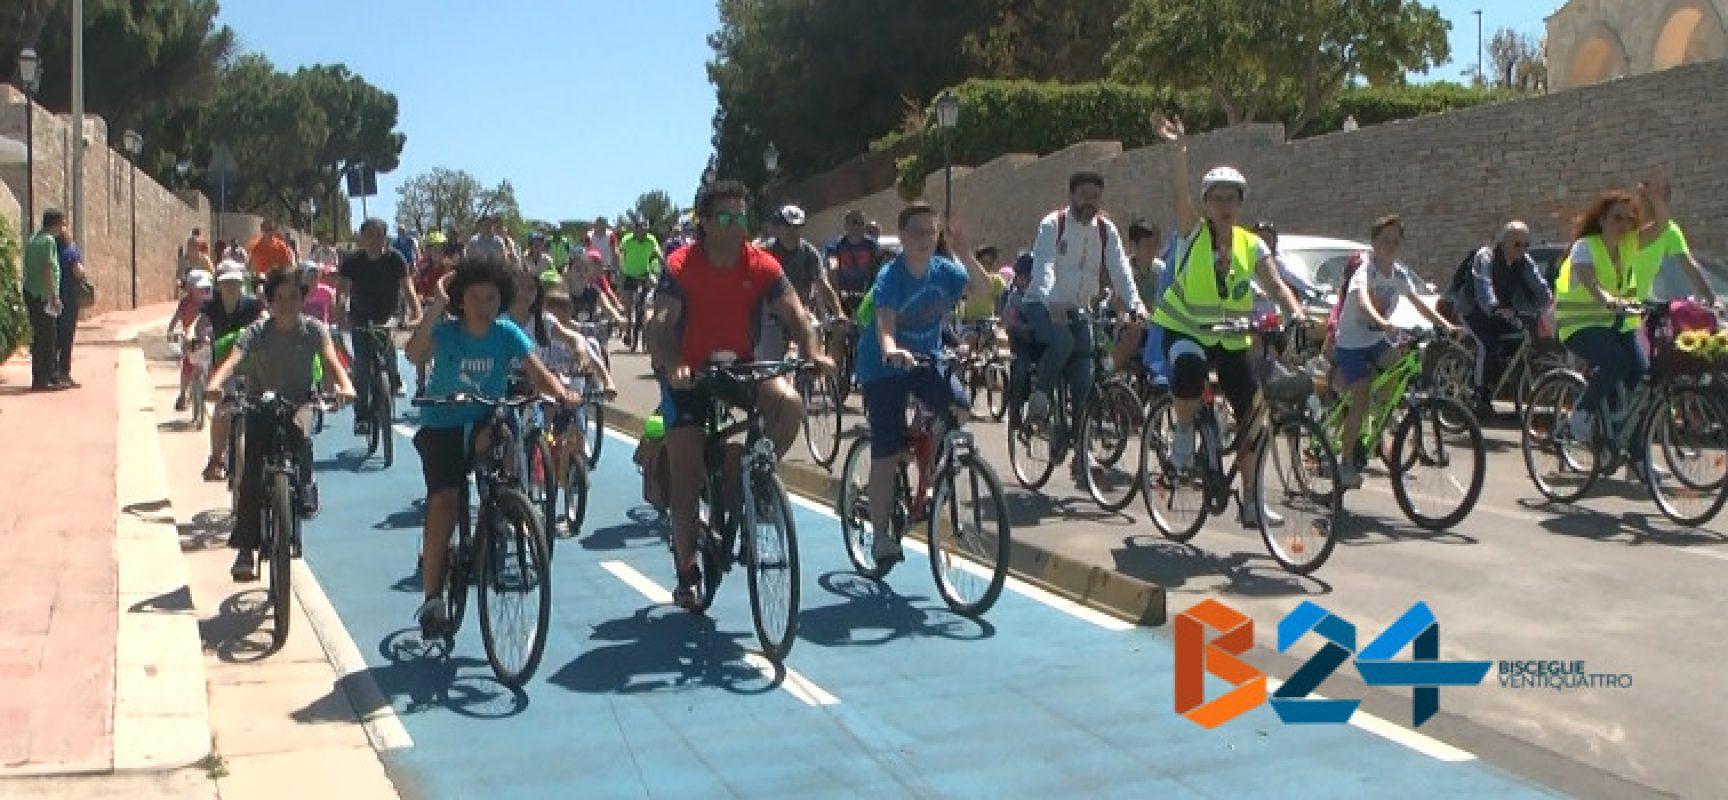 Bimbimbici, ancora pochi giorni per iscriversi alla biciclettata